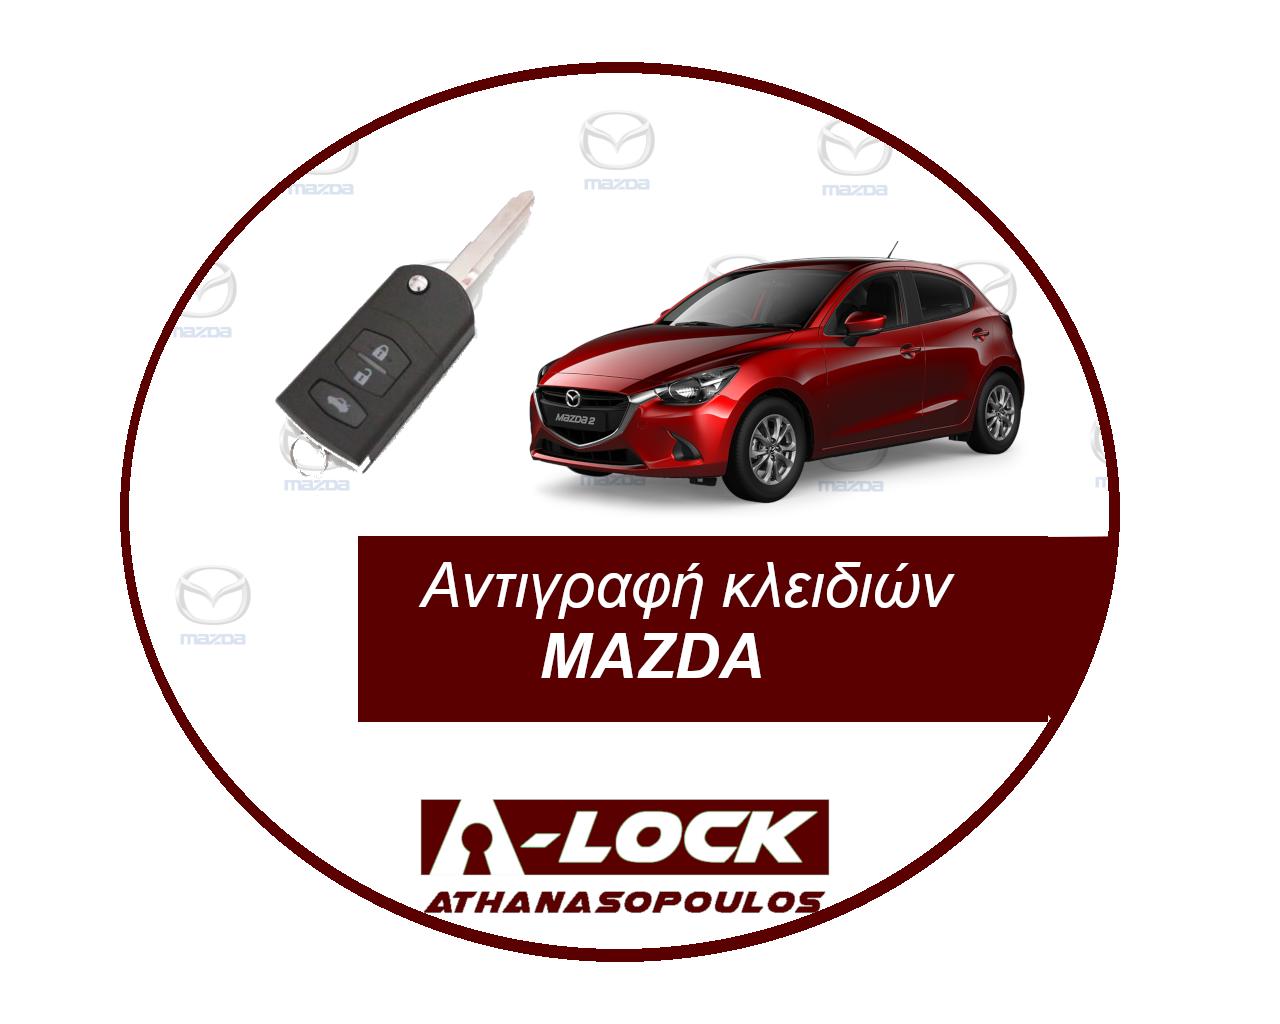 Αντιγραφές Κλειδιών Immobilizer Αυτοκινήτου MAZDA - 24 Ωρες Κλειδαράς Γαλάτσι A-Lock Αθανασόπουλος